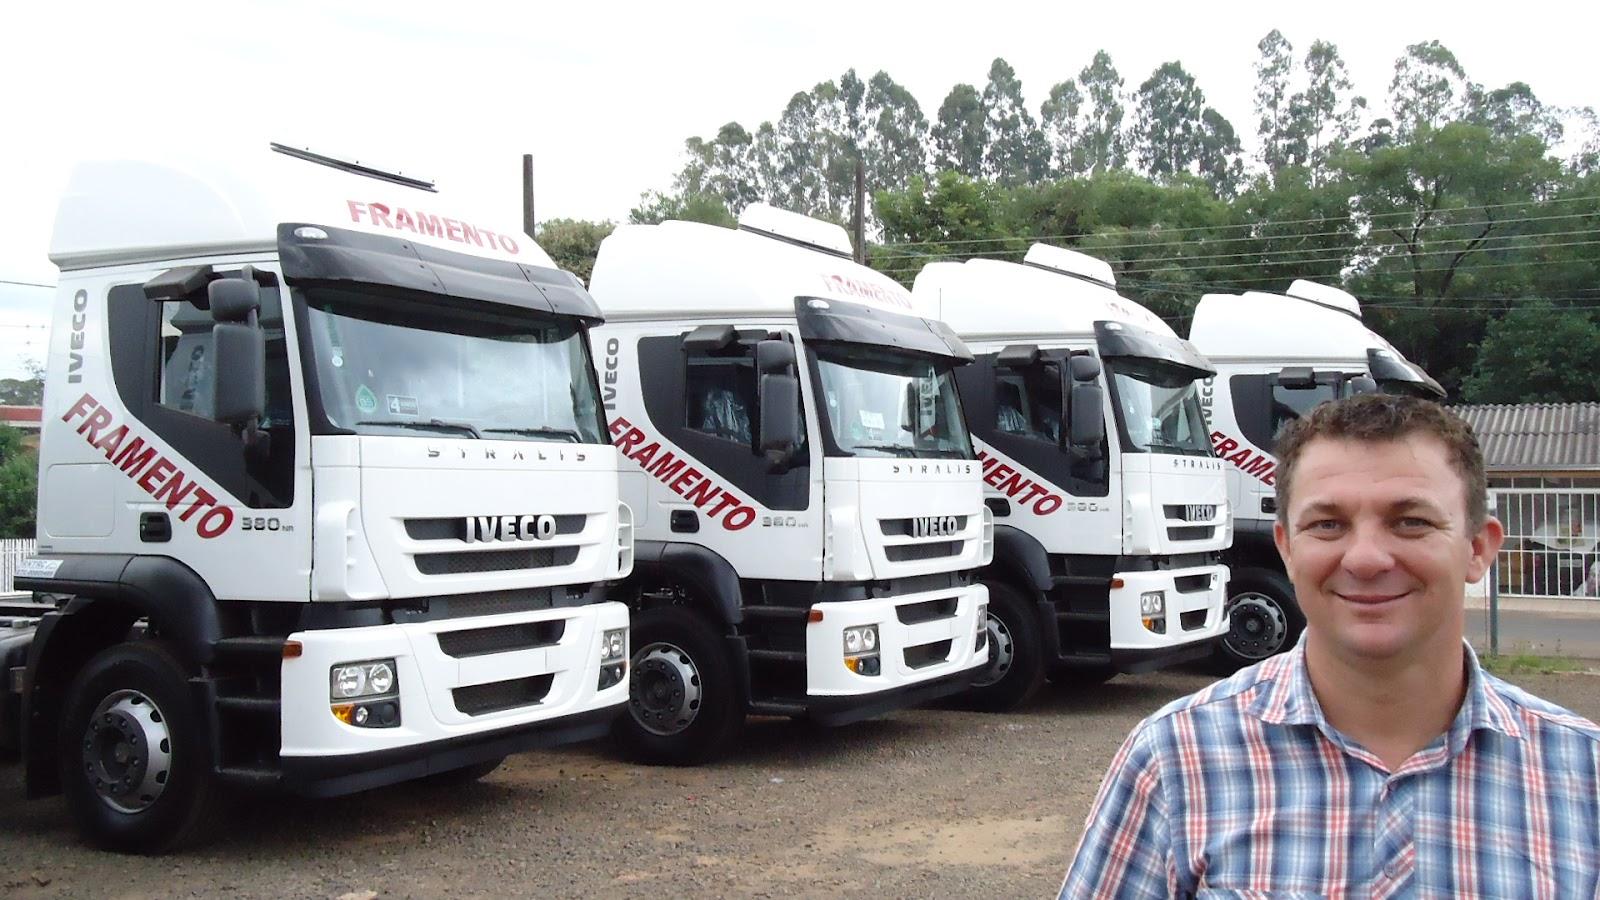 Transportes Framento aumenta sua frota com caminhões Iveco DSC00053